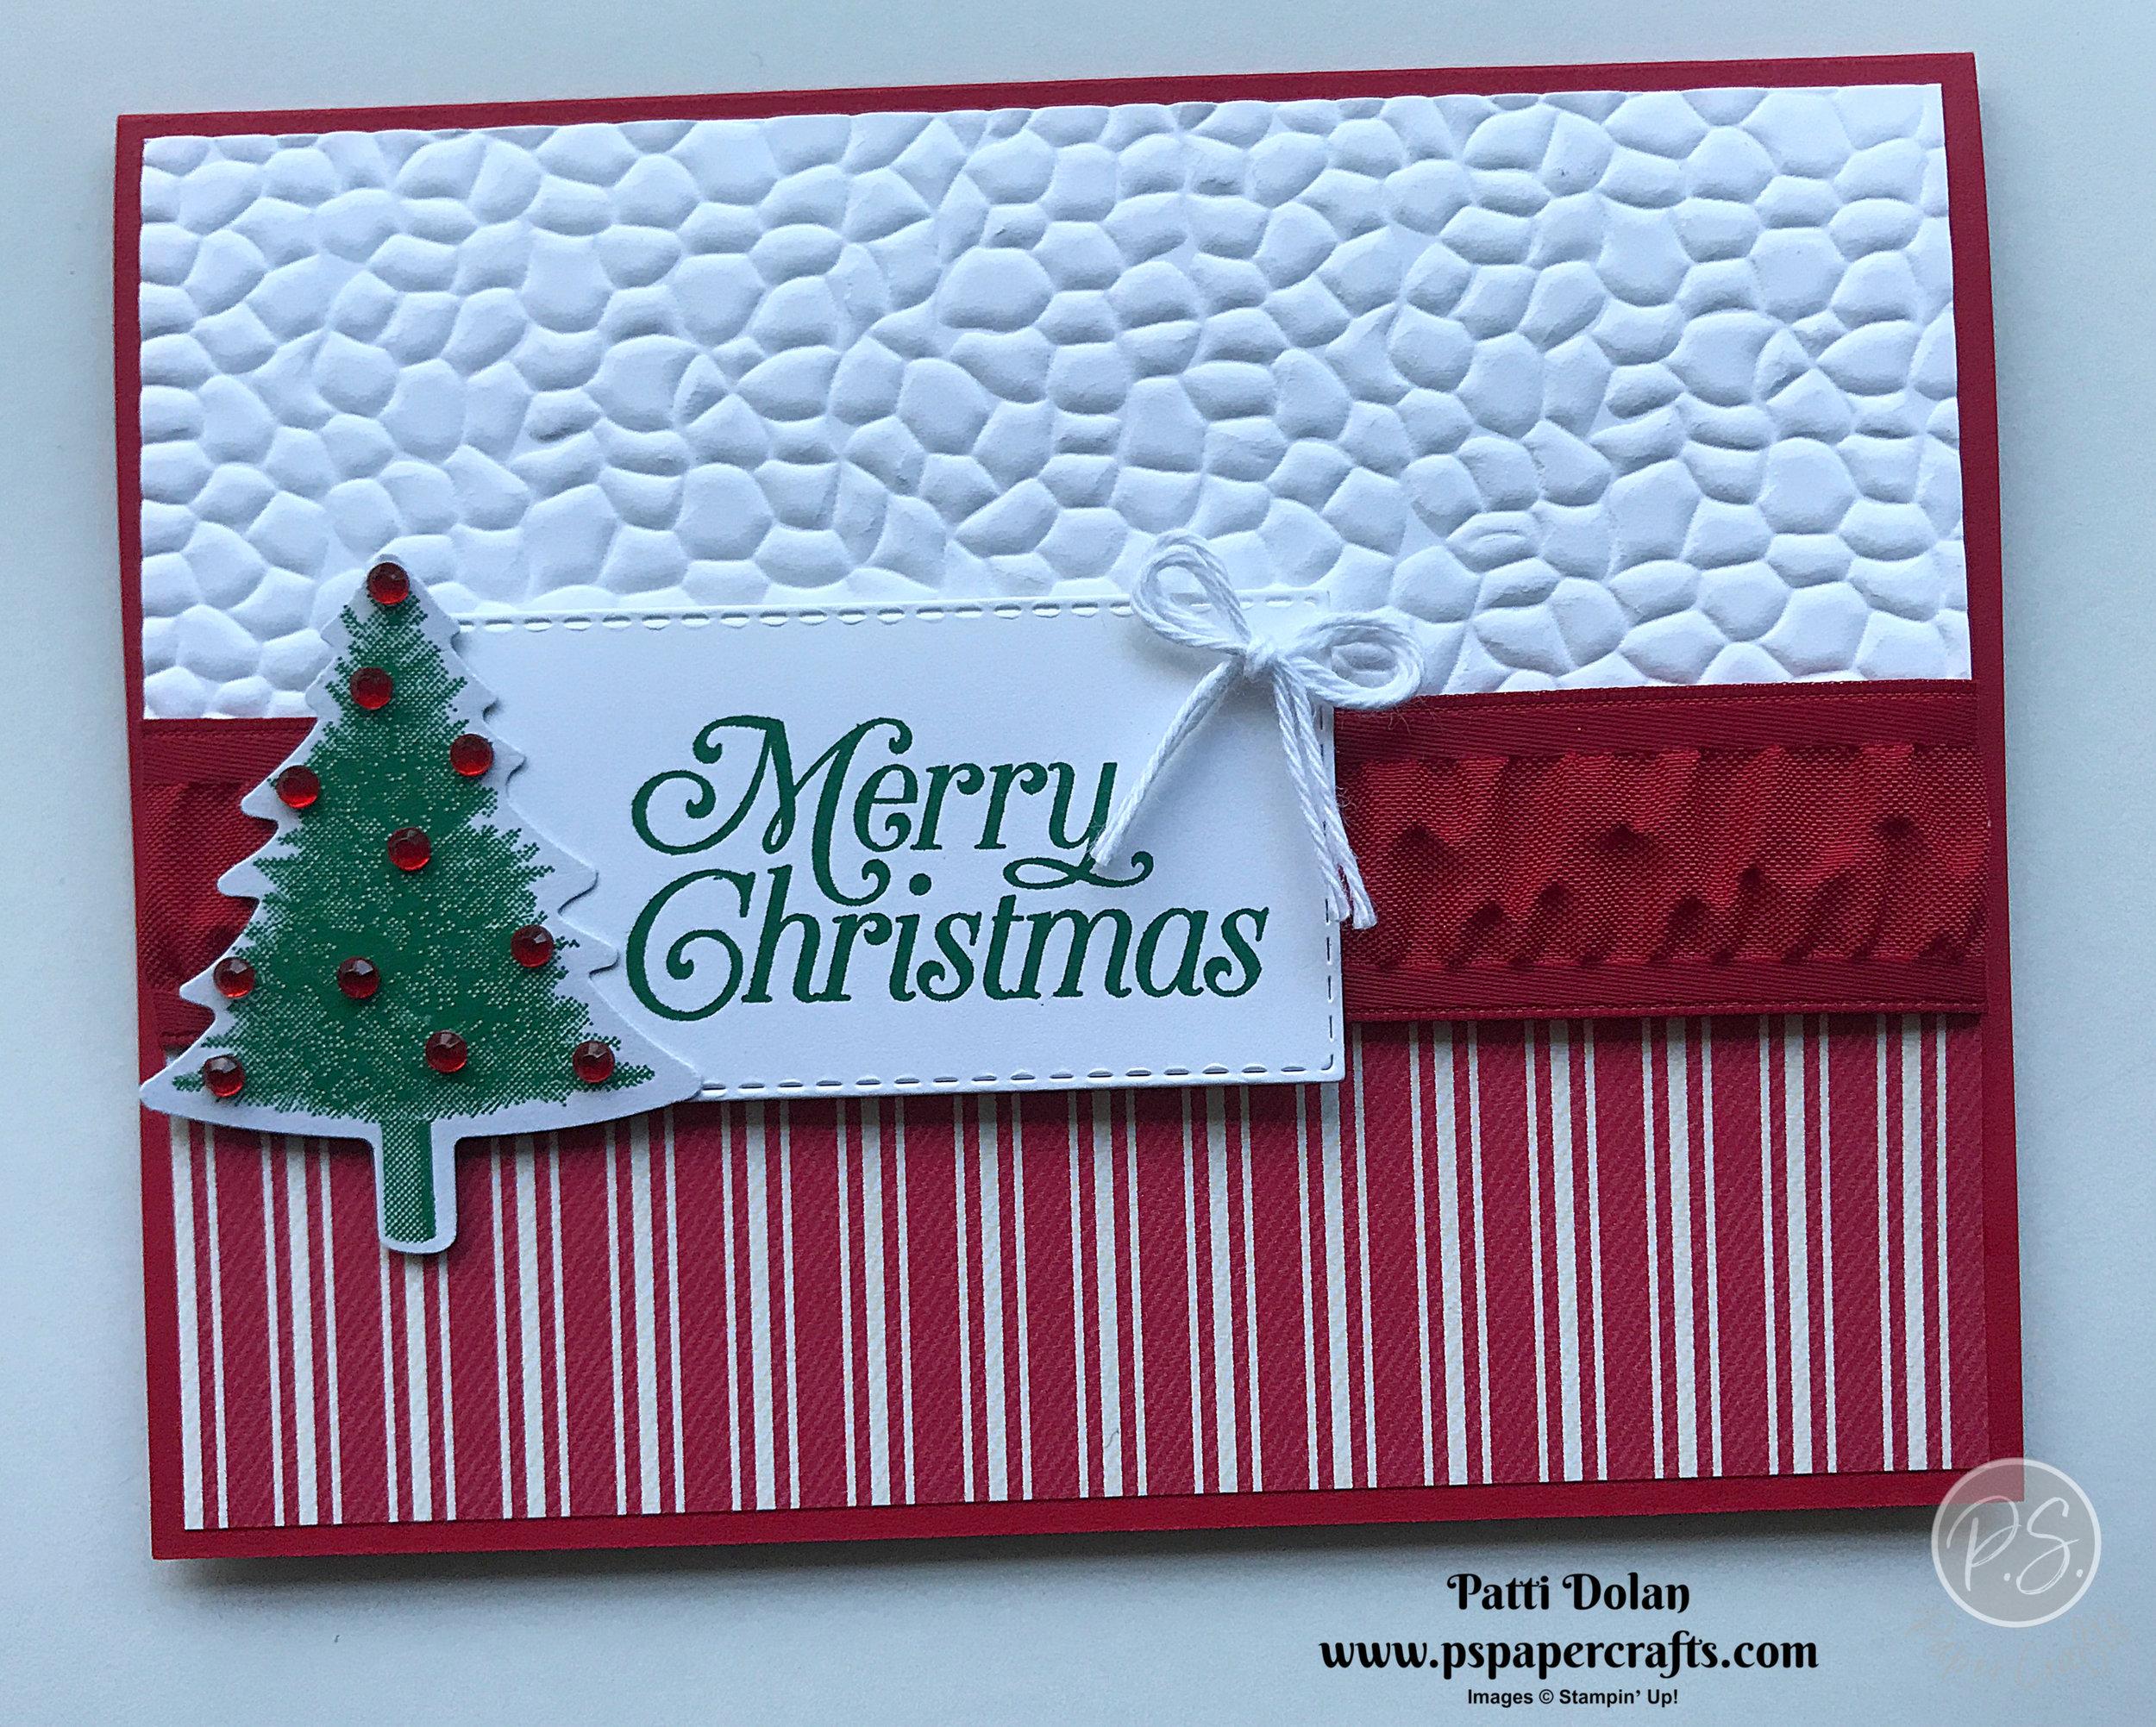 Merry Christmas Build A Card2.jpg